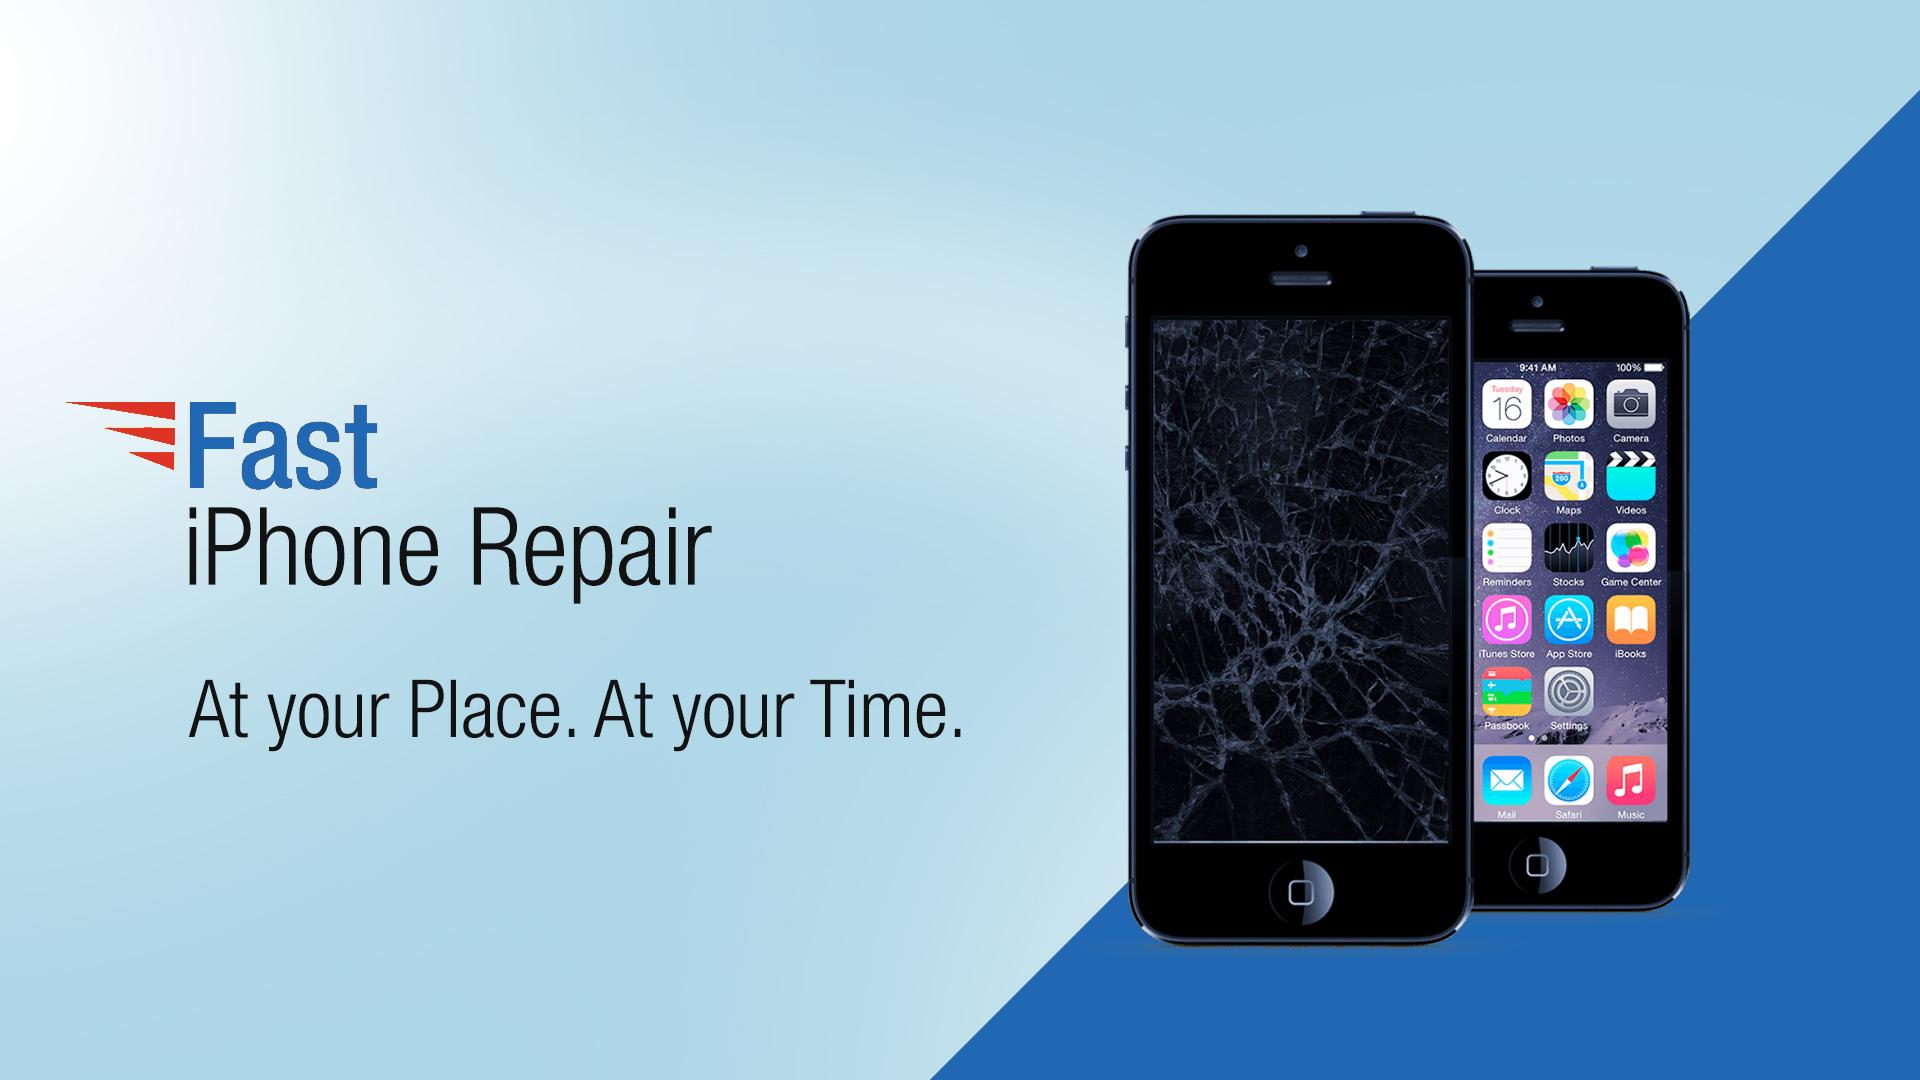 Repair Now